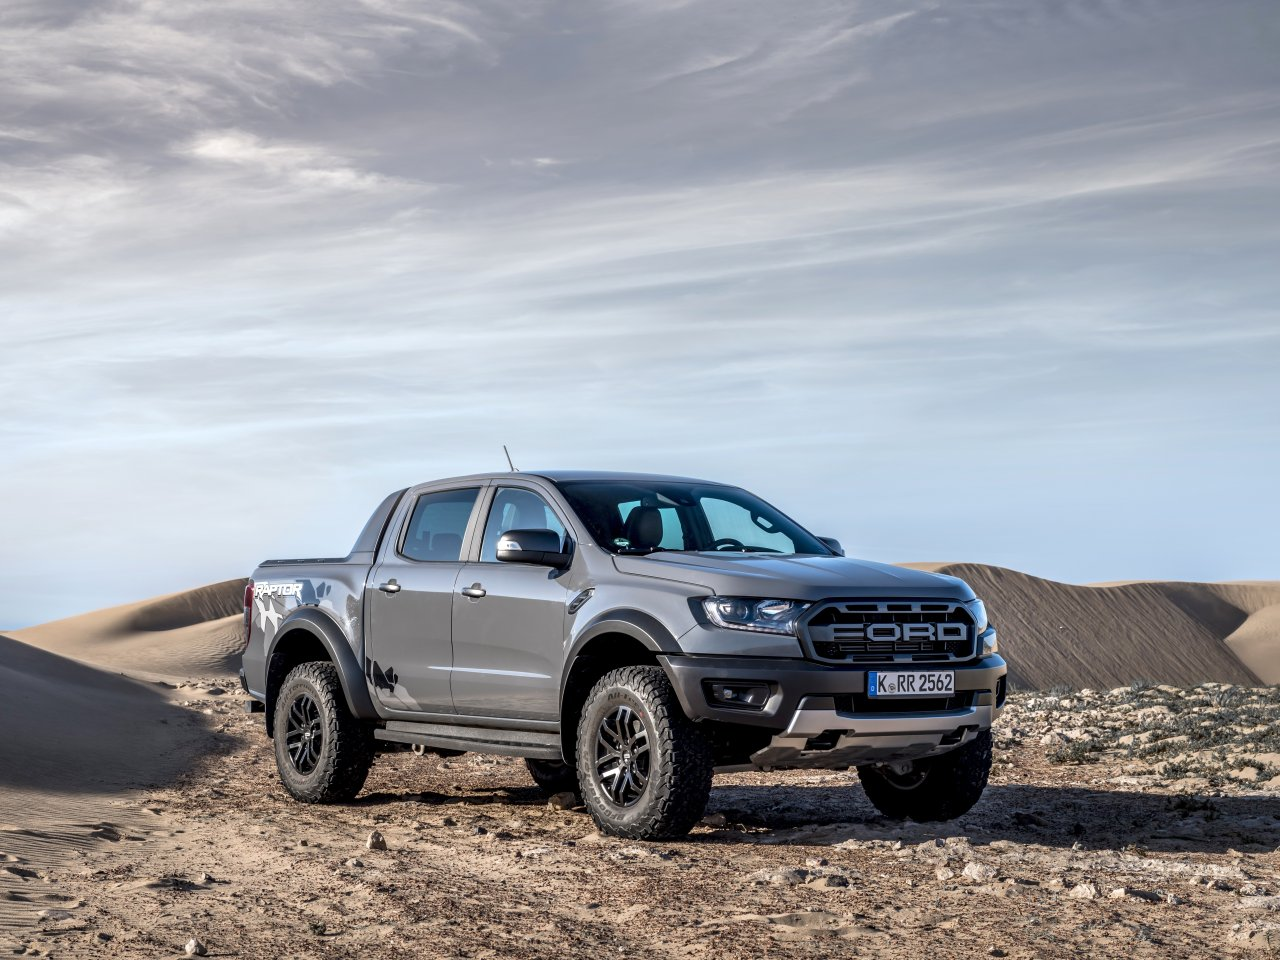 Ford_Ranger_Raptor-01.jpg